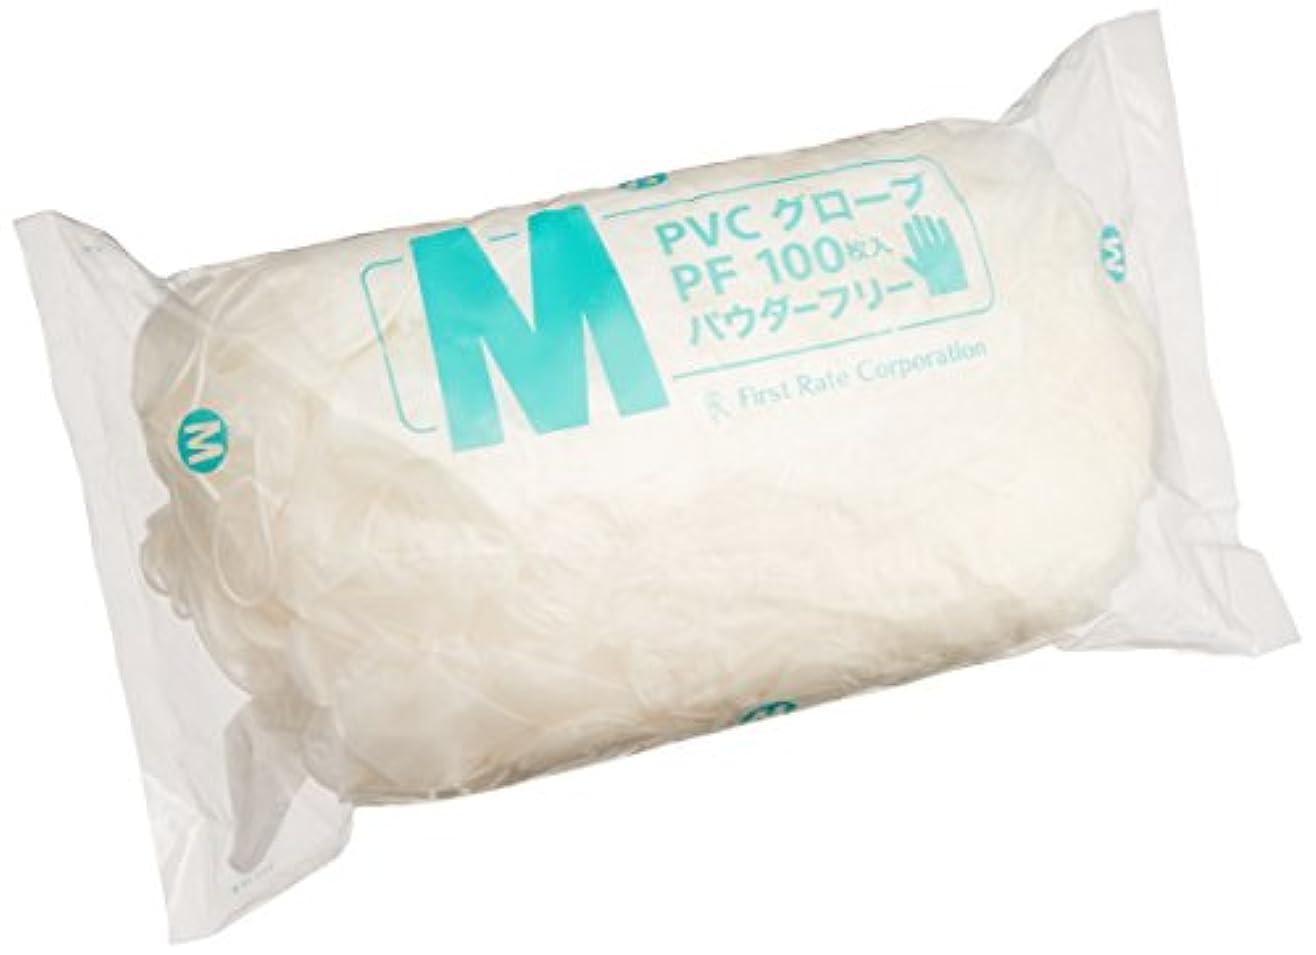 ファーストレイト PVCグローブ PF(ポリバック仕様 FR-927(M)100マイイリ